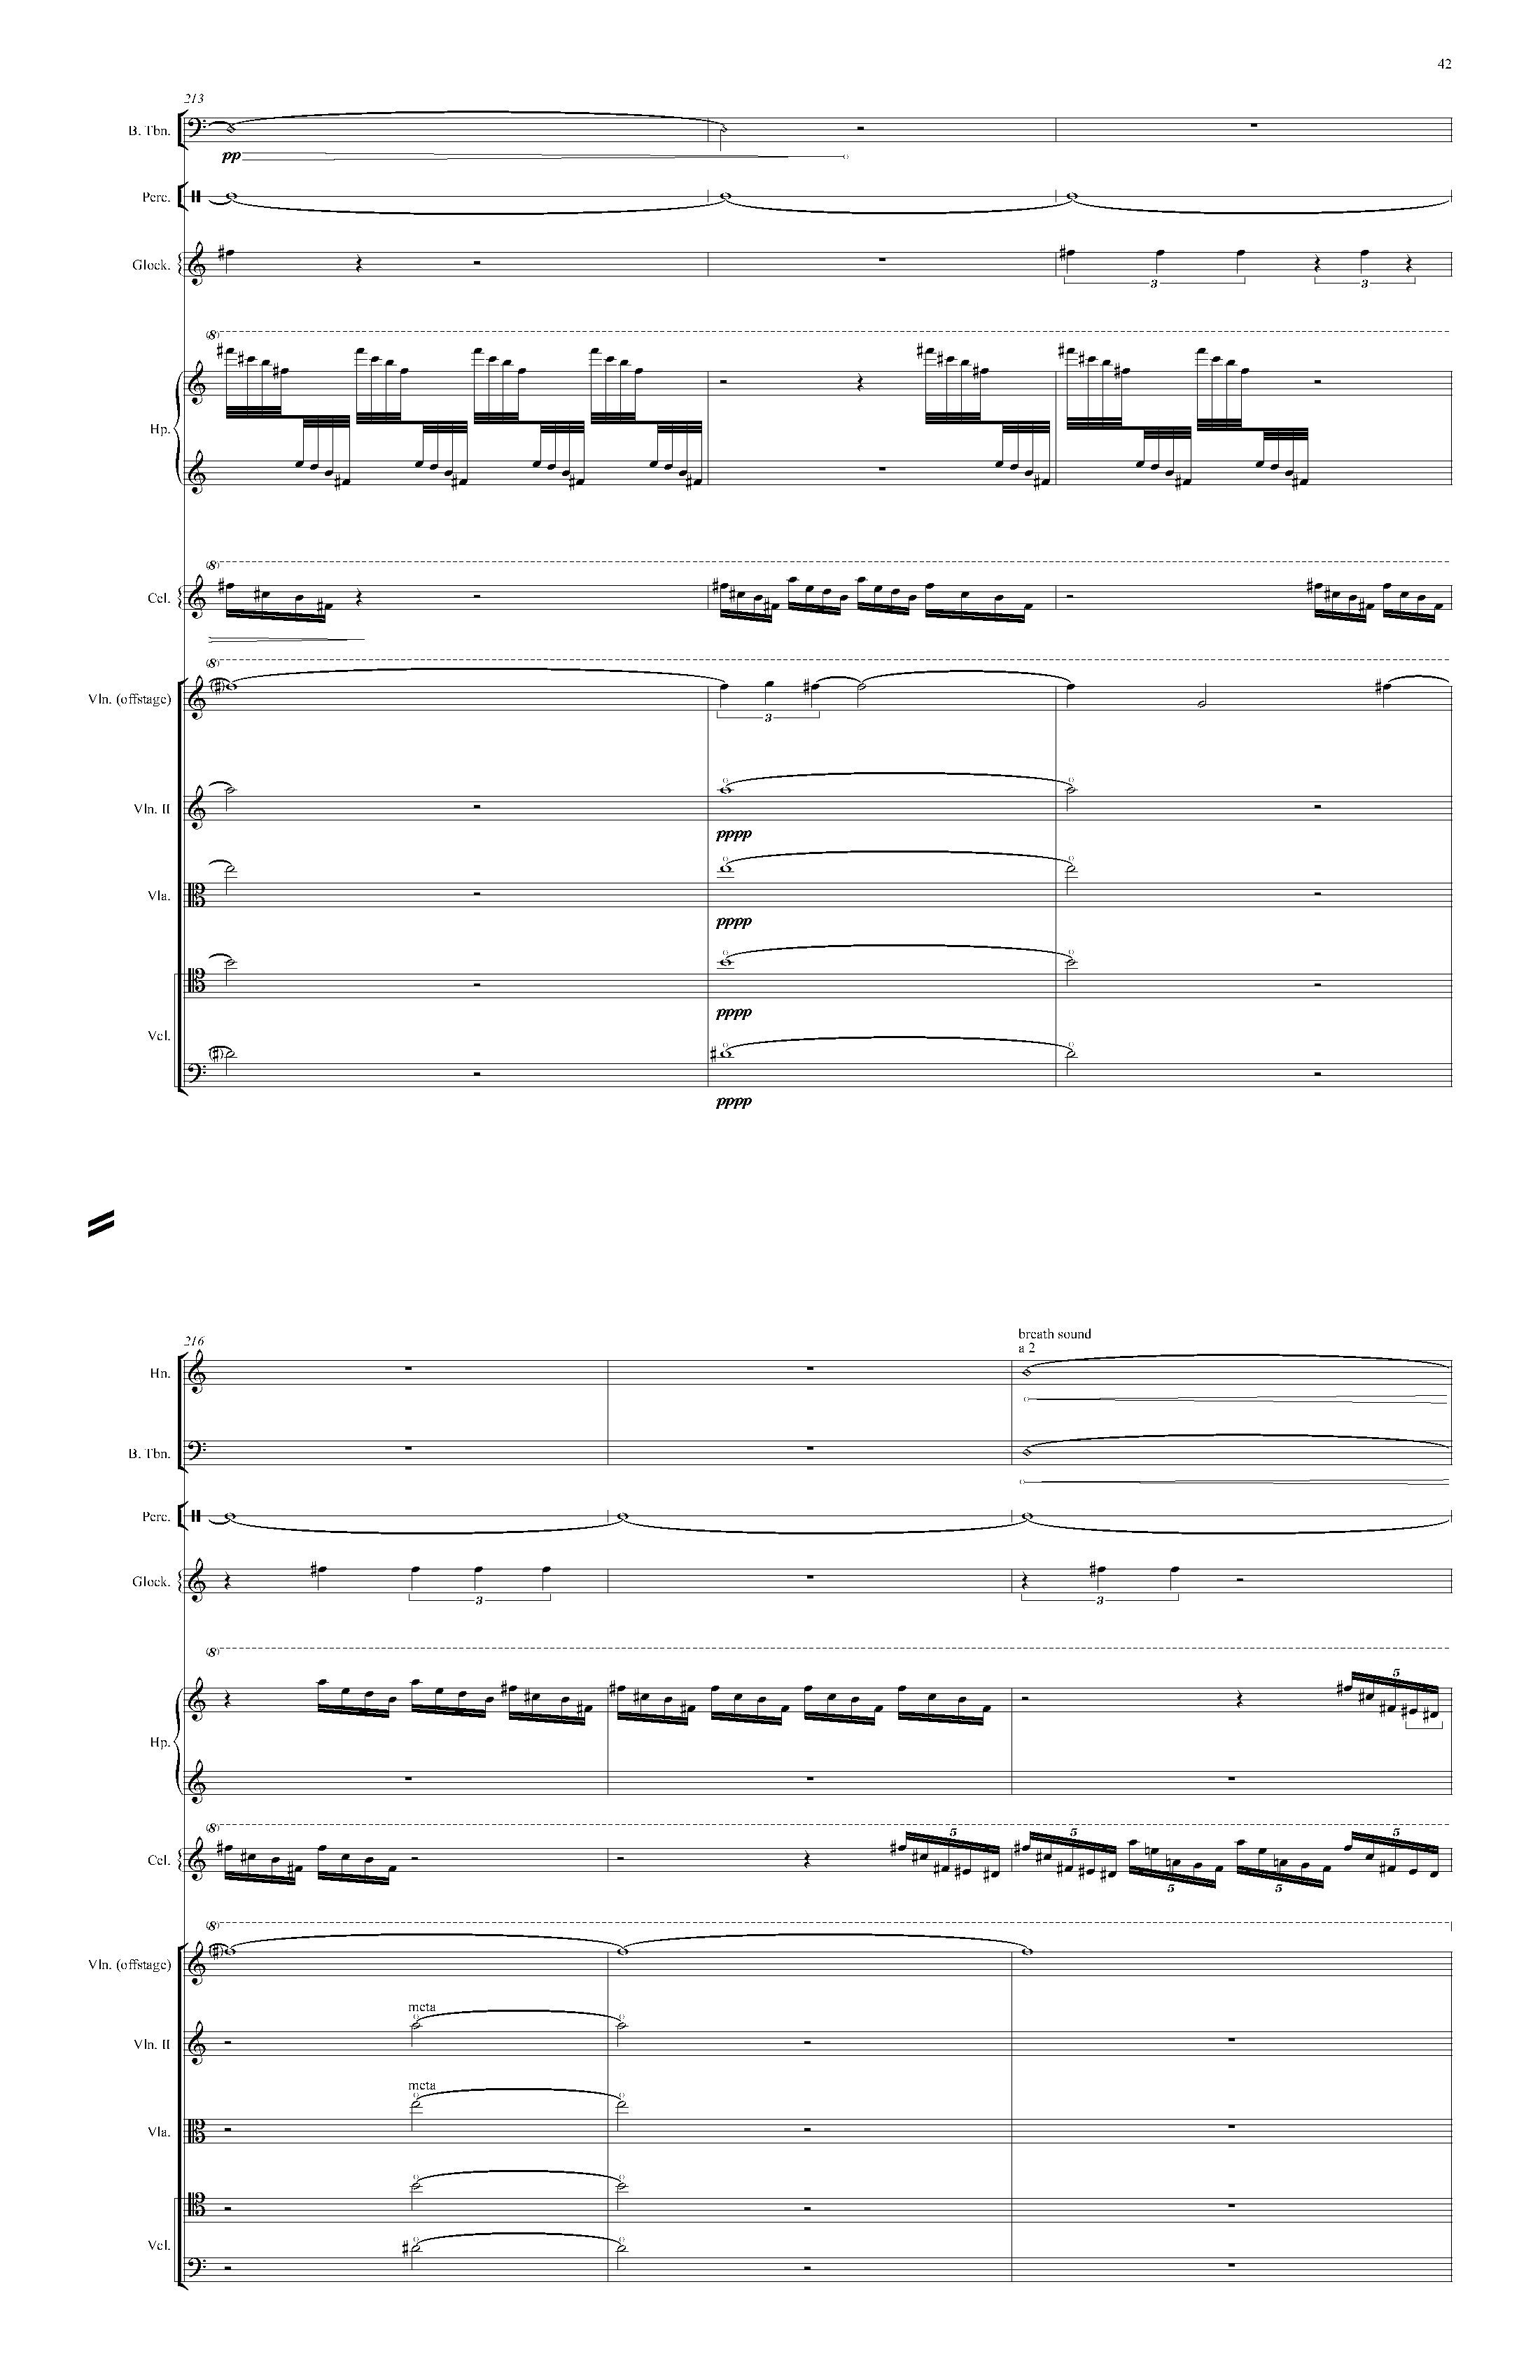 Kolmanskop 4-4-17 score - Full Score_Seite_45.jpg